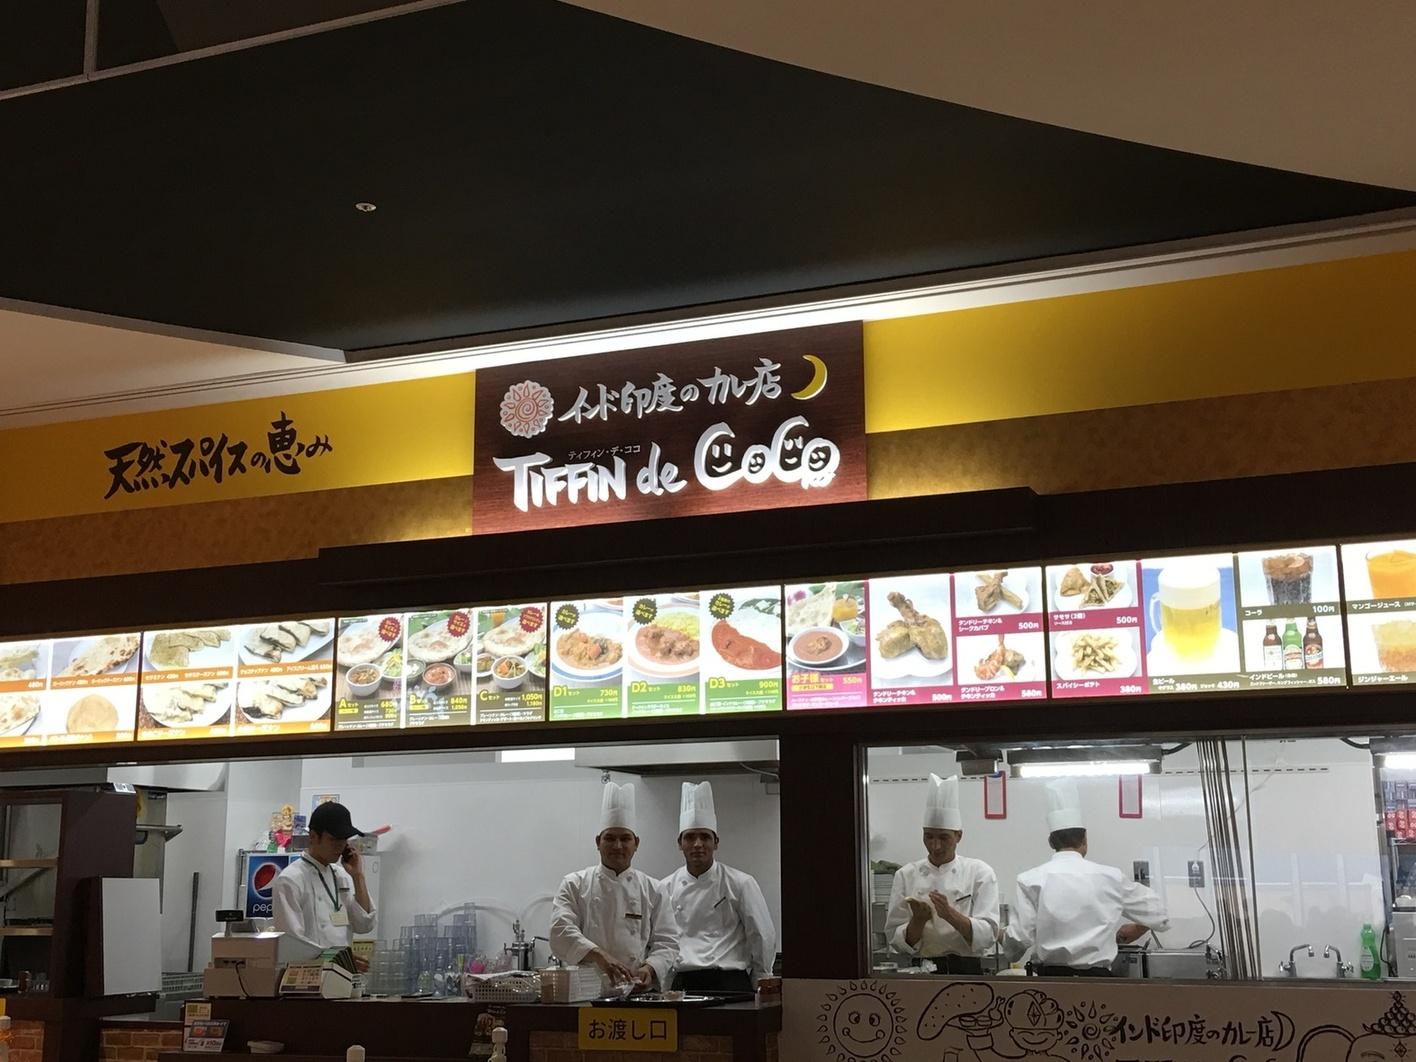 ティフィン・デ・ココ レイクウォーク岡谷店